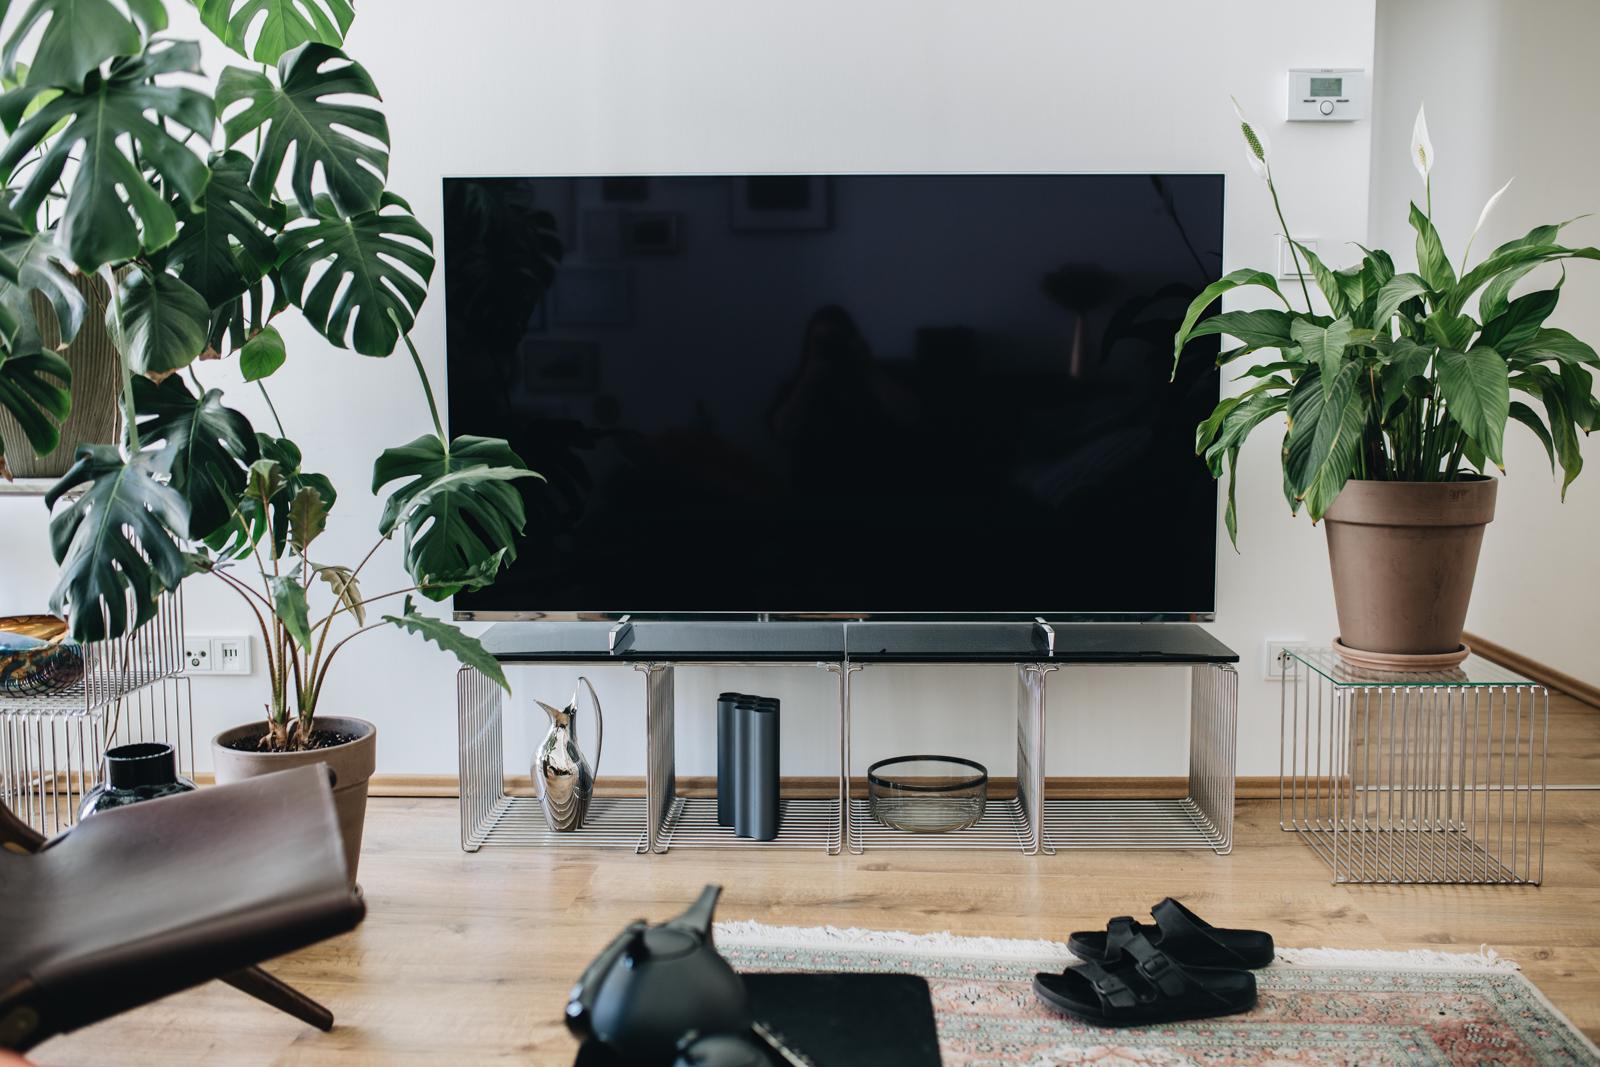 Mit dänischer Leichtigkeit! - Philips TV & Georg Jensen